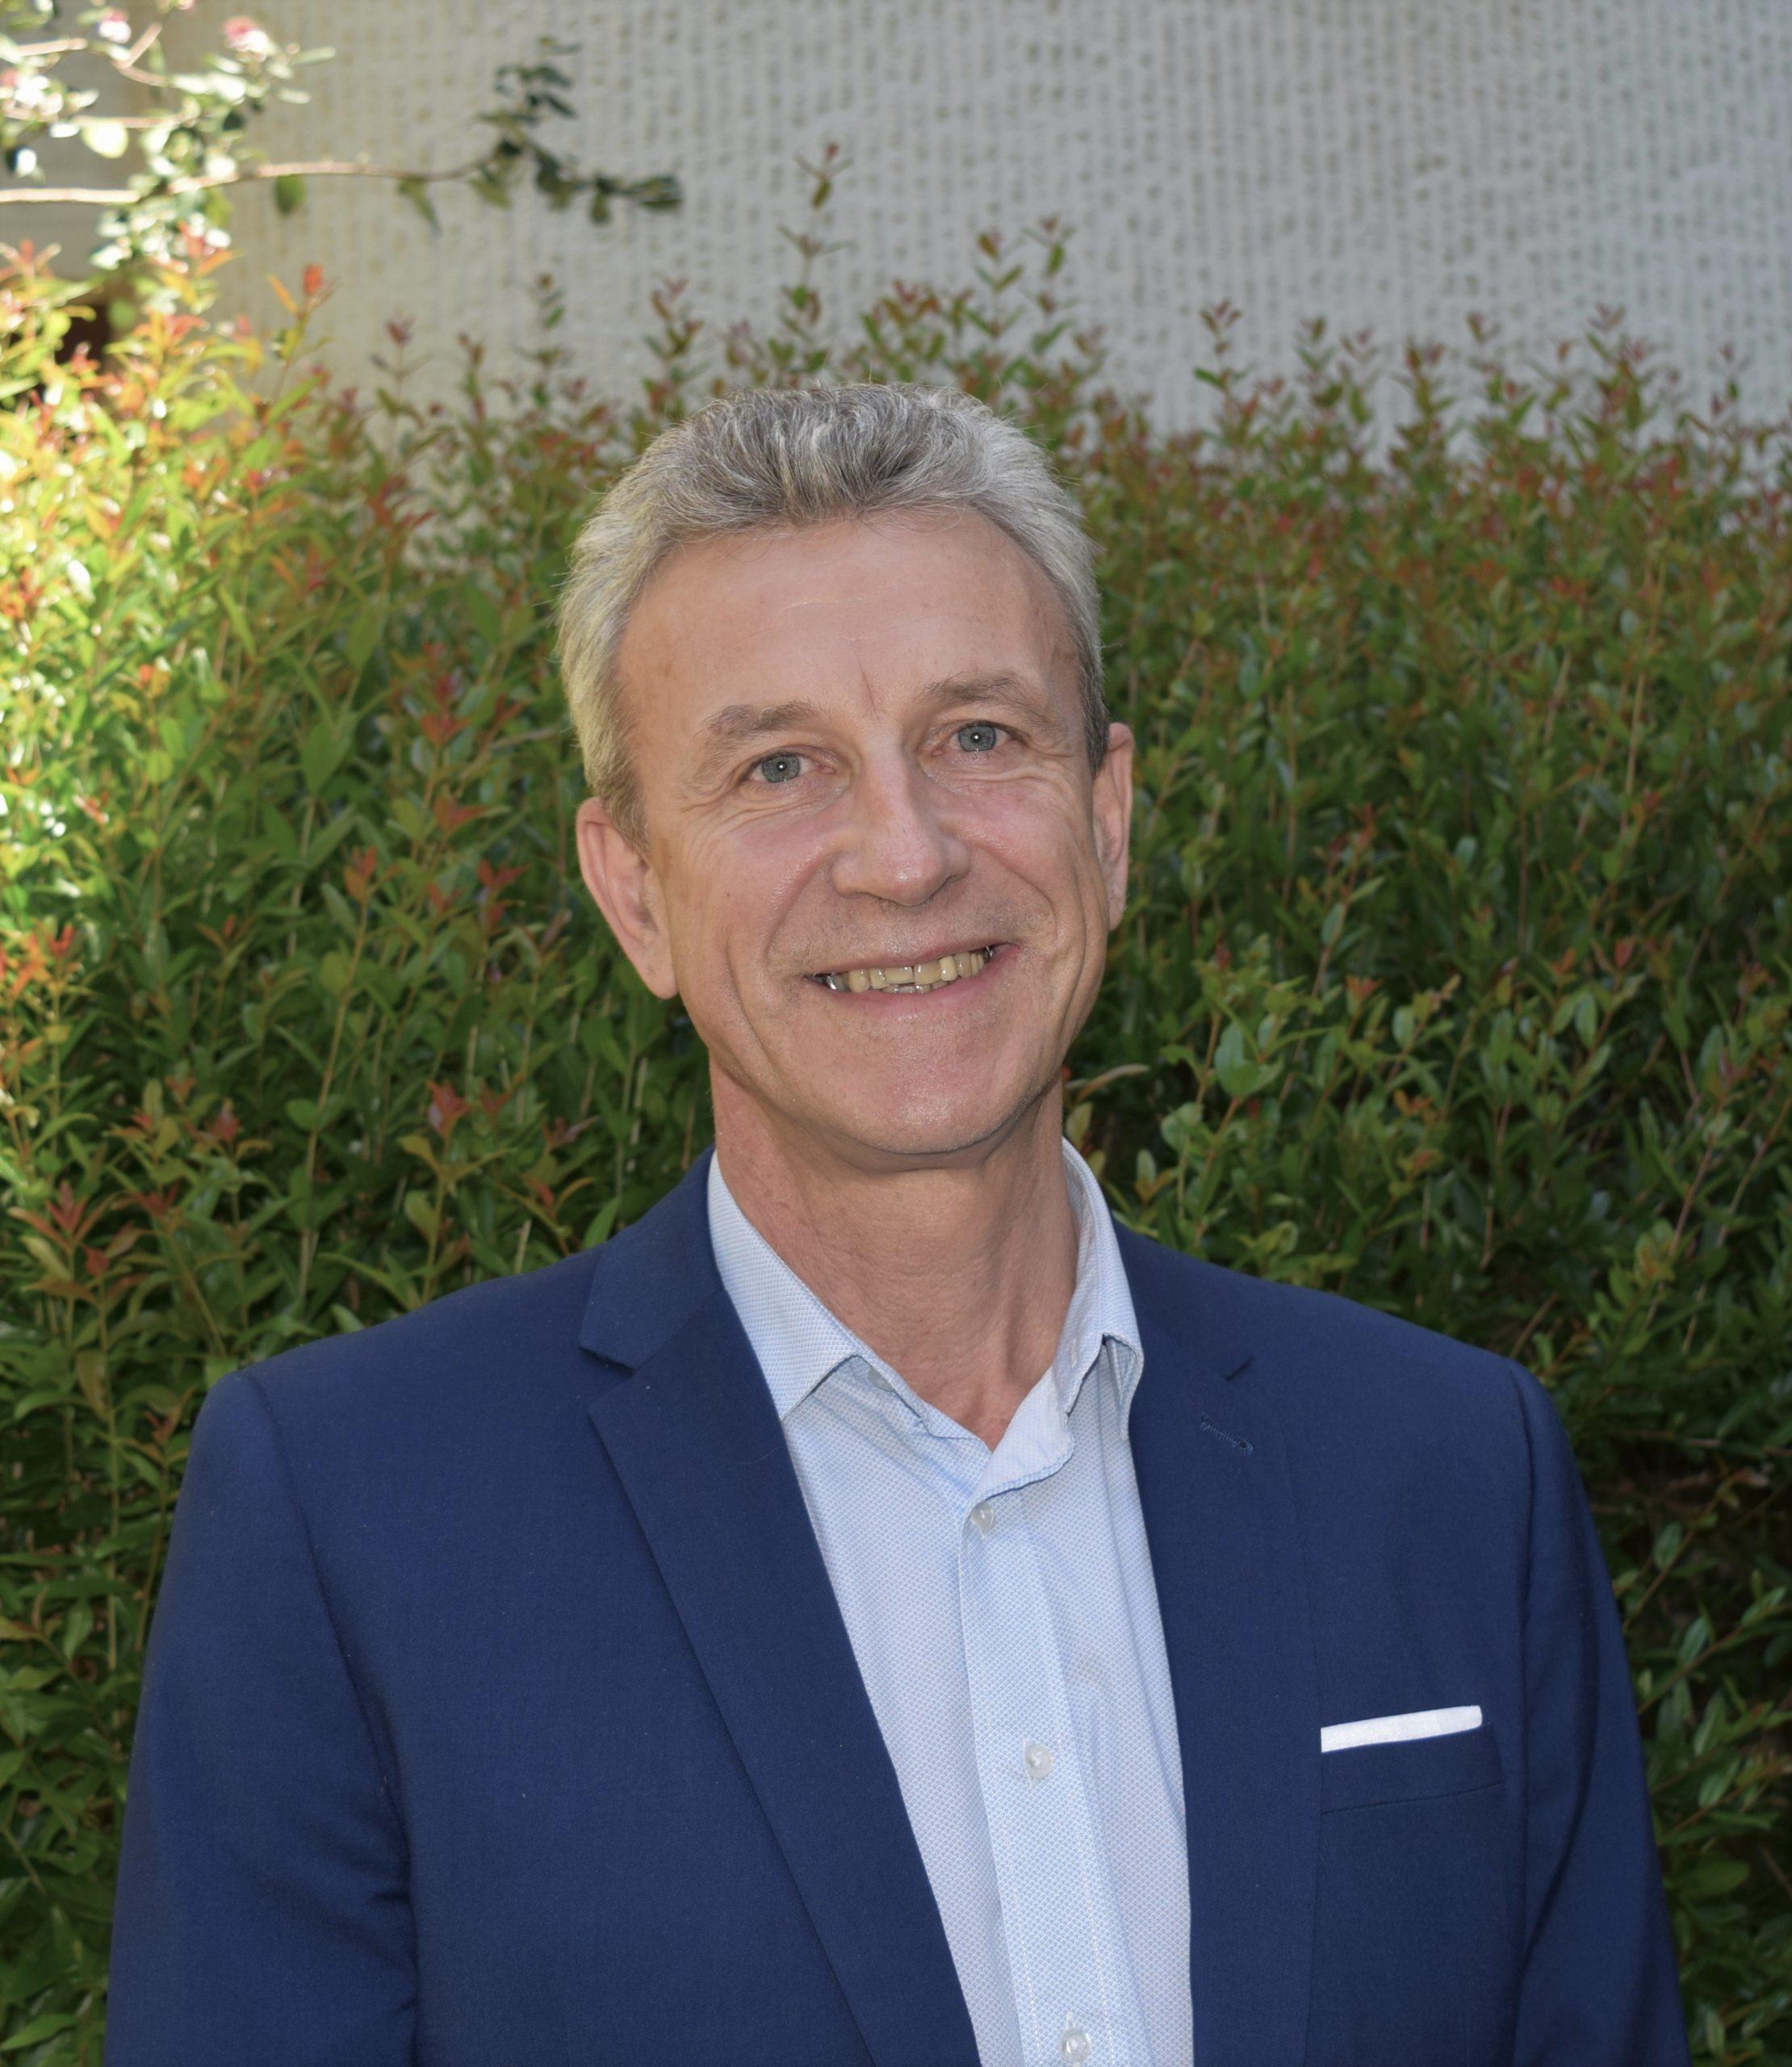 Lionel Le Guen